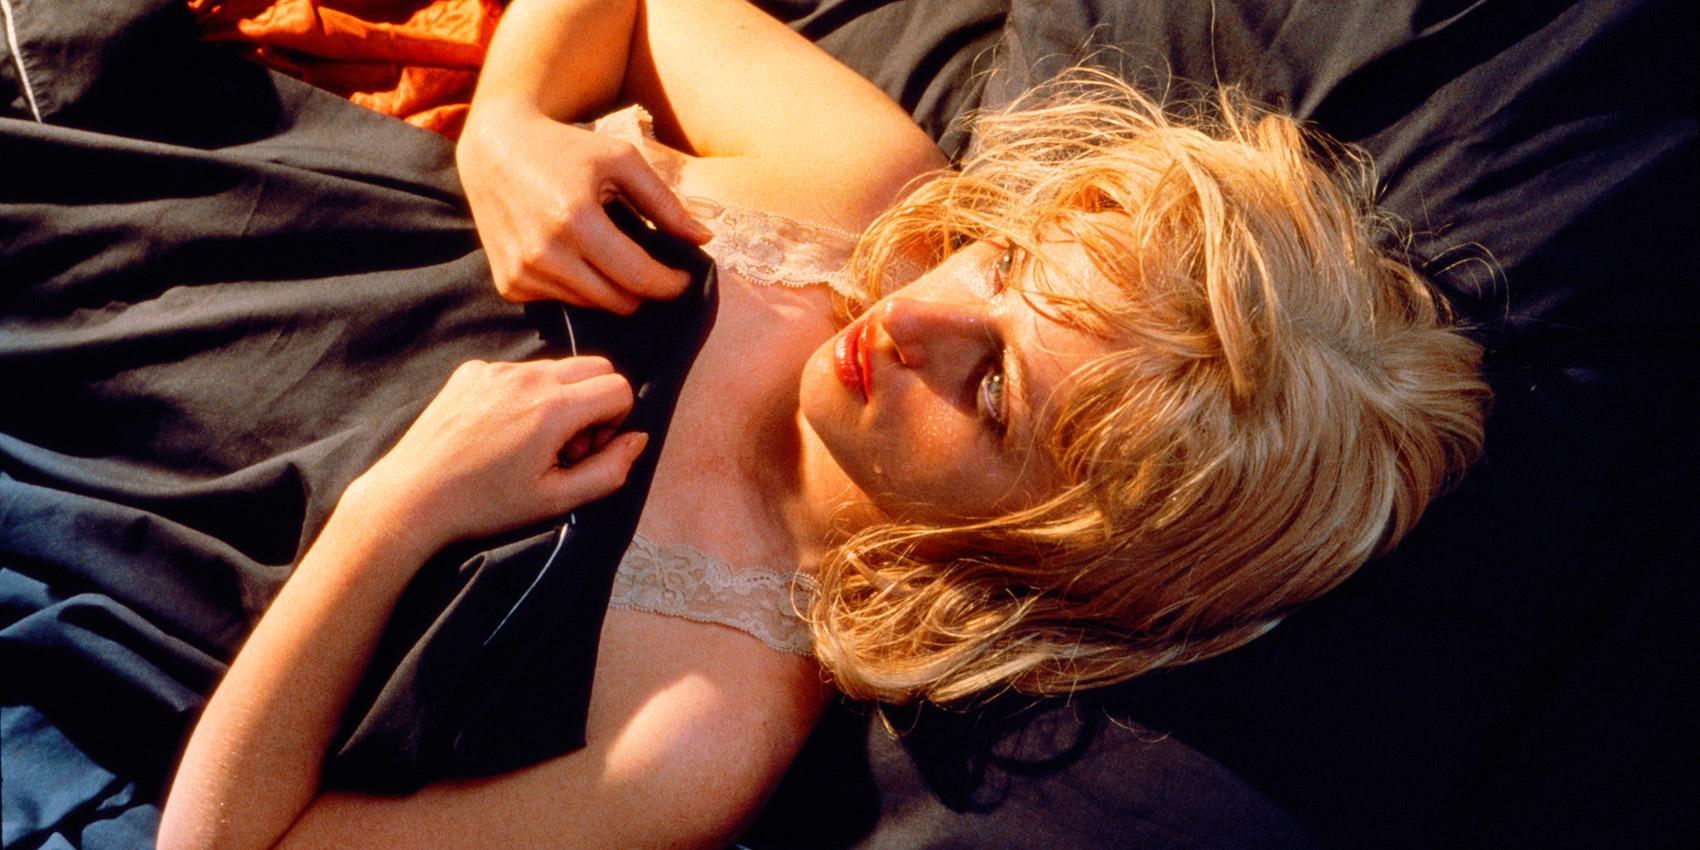 Figura 2 - Cindy Sherman, Sem título, 1981.